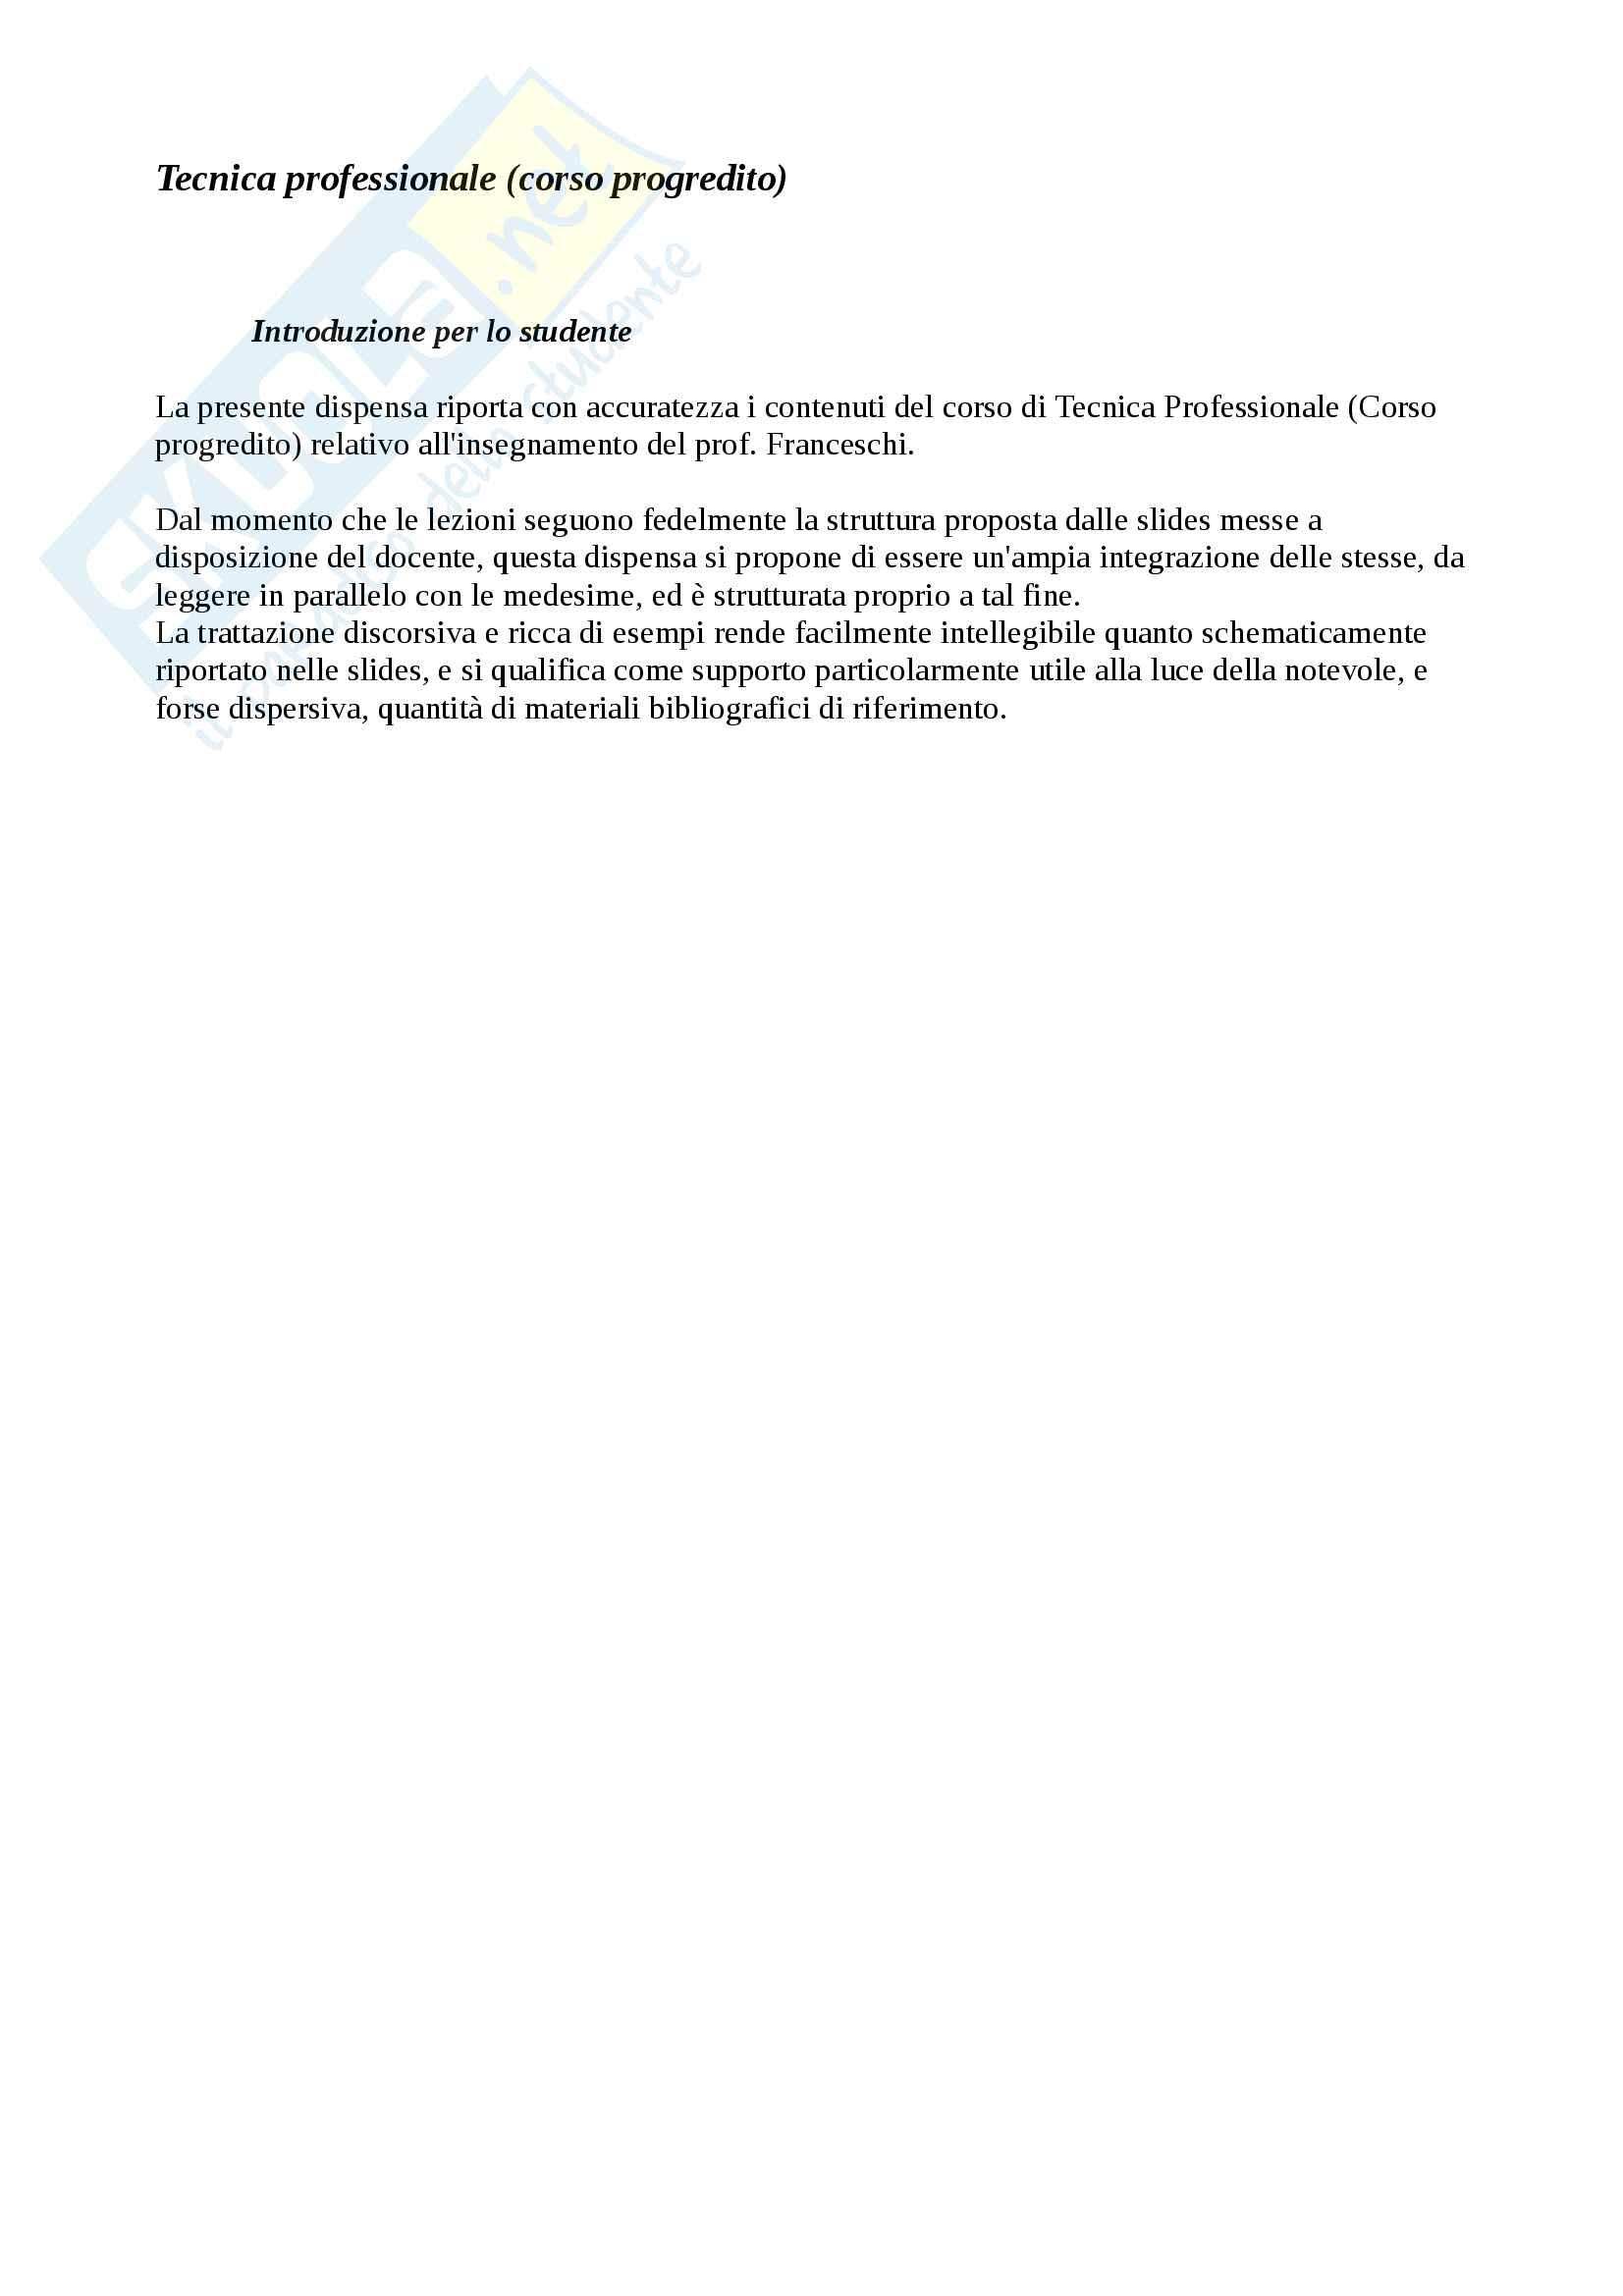 Appunti di Tecnica Professionale (Progredito), Parte 4 di 4